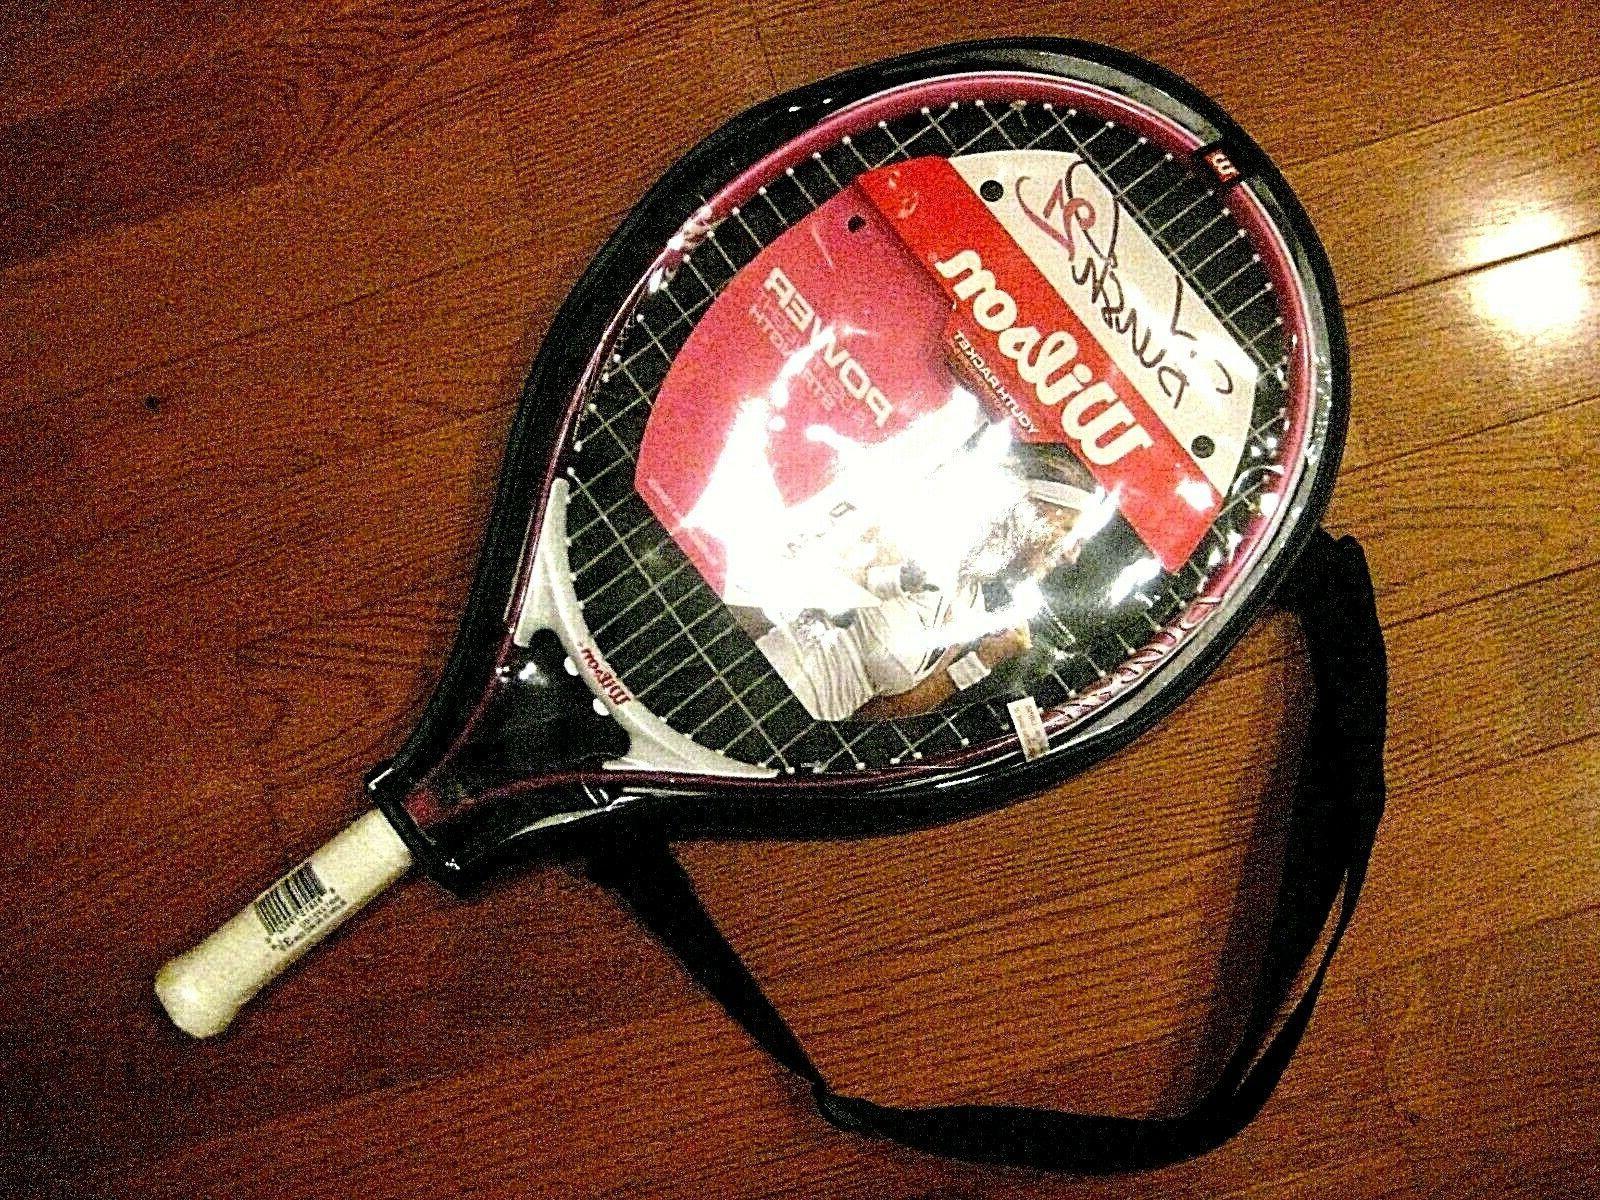 blush 21 junior tennis racquet brand new